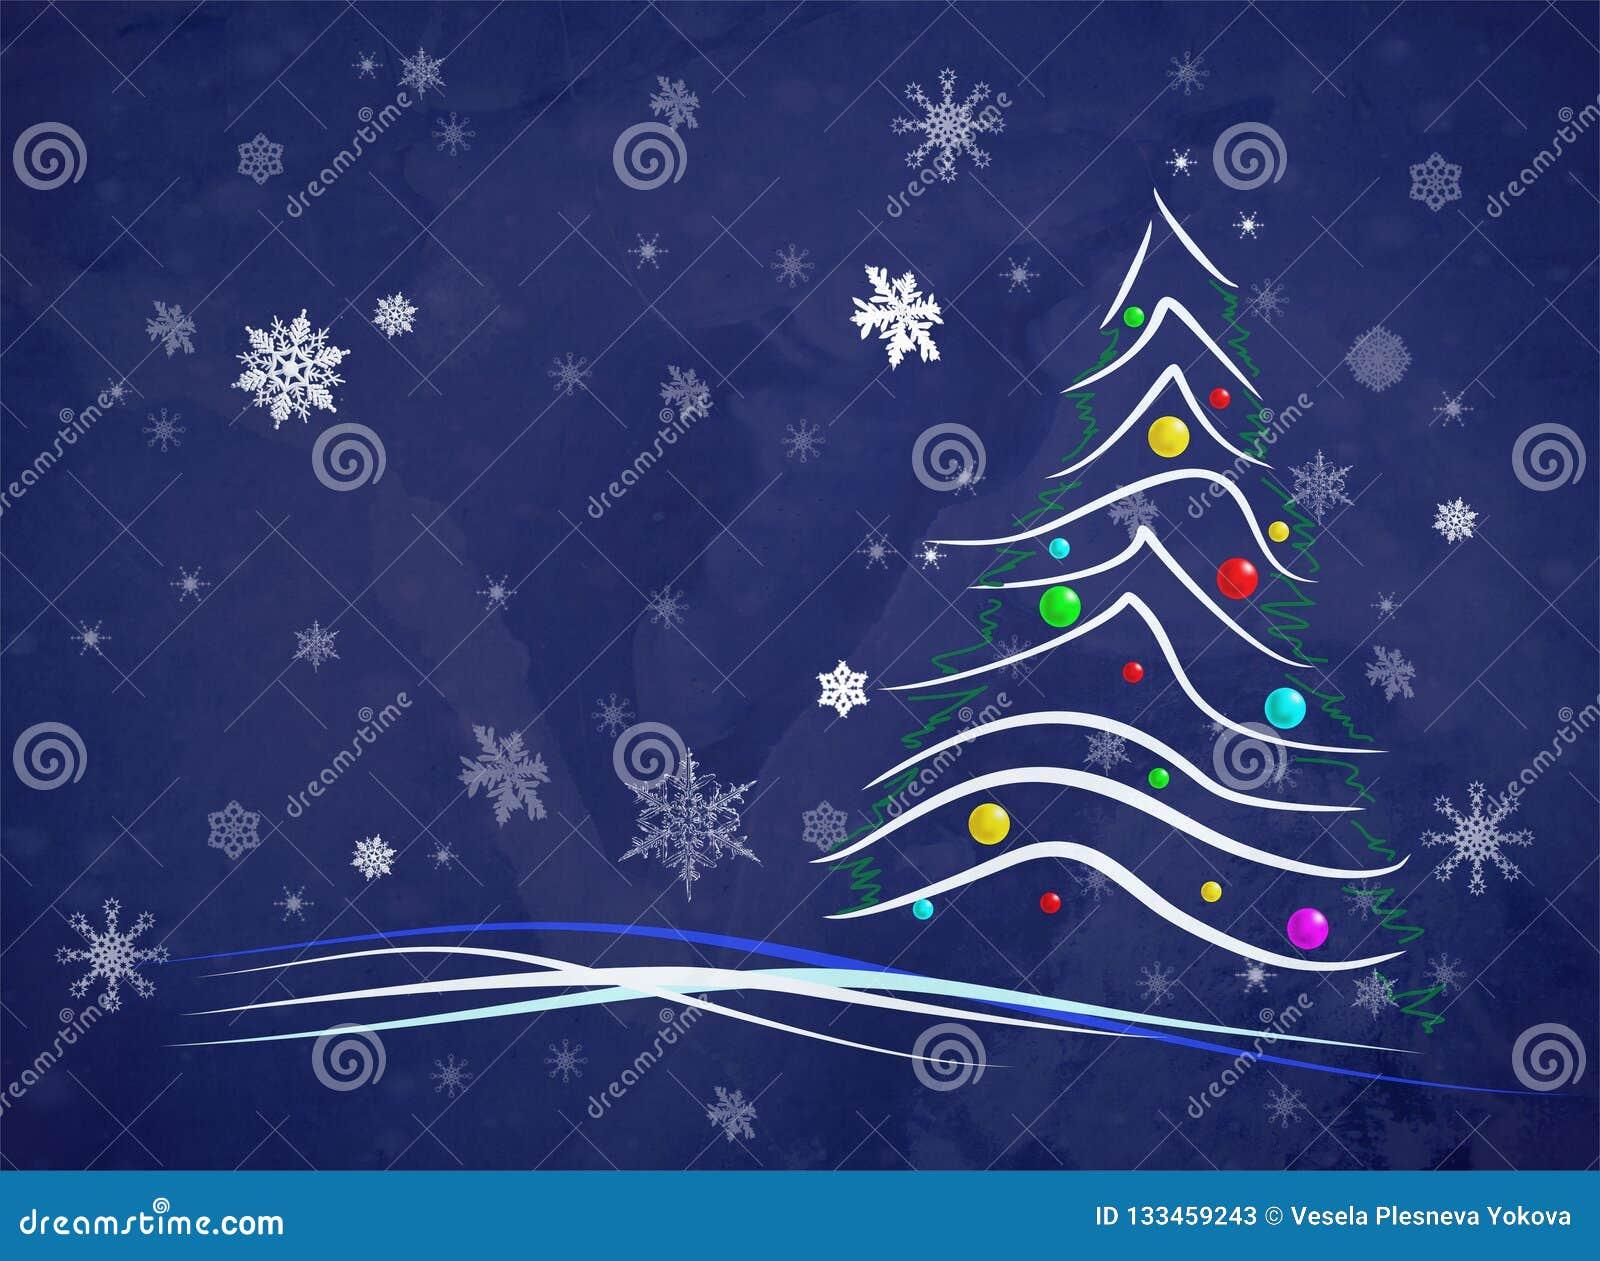 Alberi Di Natale Stilizzati Immagini.Albero Di Natale Stilizzato Con I Fiocchi Di Neve Bianchi Illustrazione Vettoriale Illustrazione Di Allegro Anno 133459243